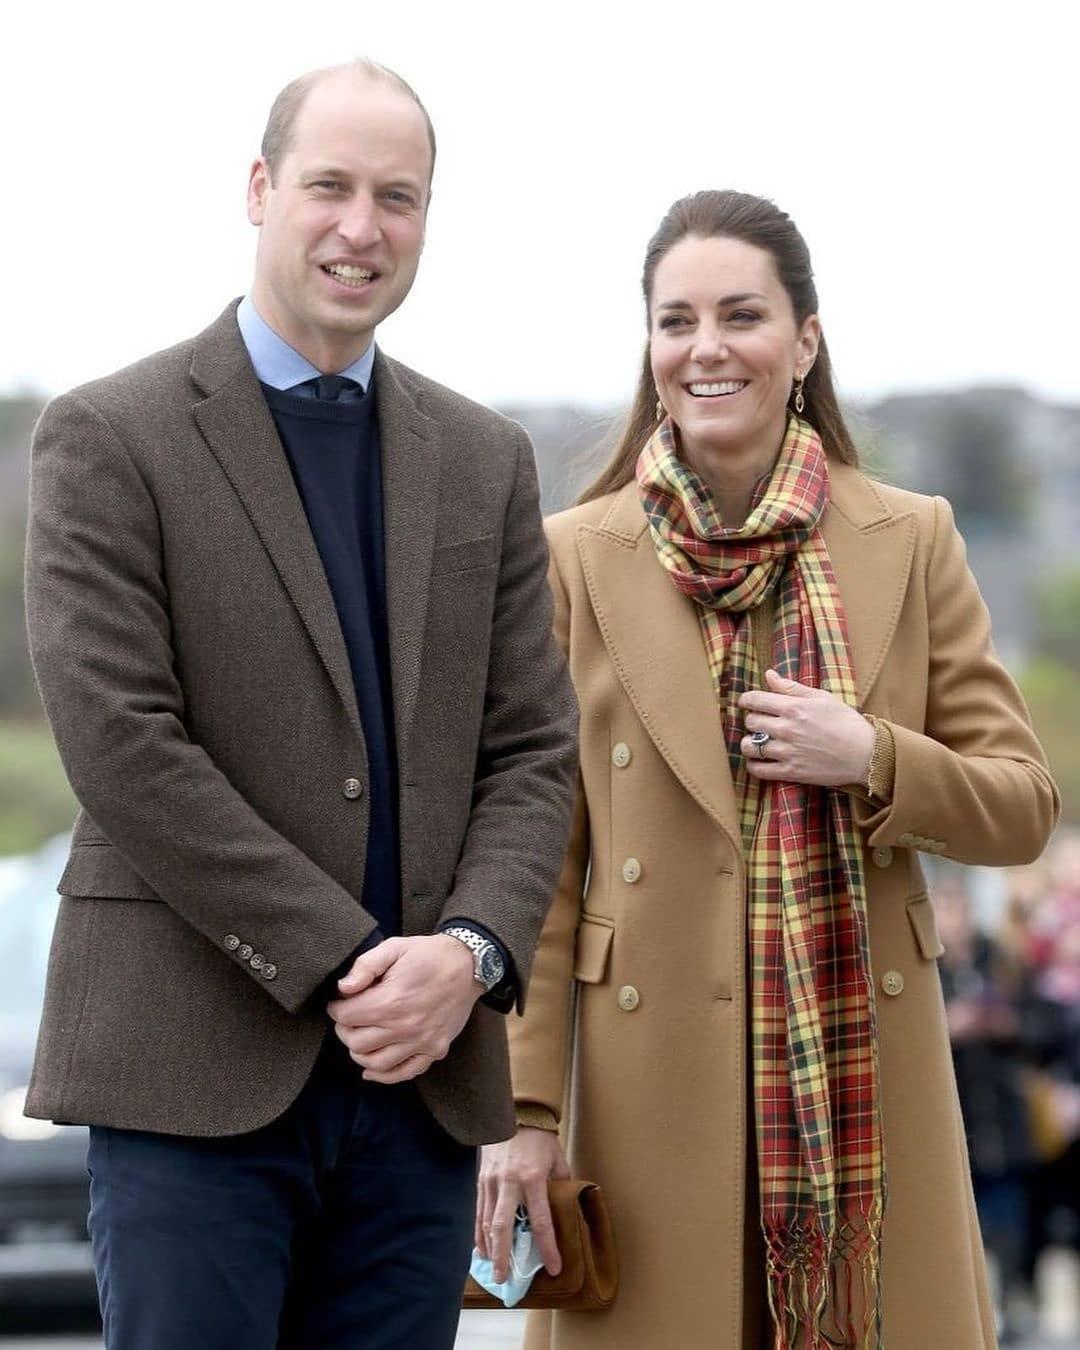 Карамельное пальто и клетчатый шарф: Кейт Миддлтон показала стильный наряд во время рабочей поездки (ФОТО) - фото №3